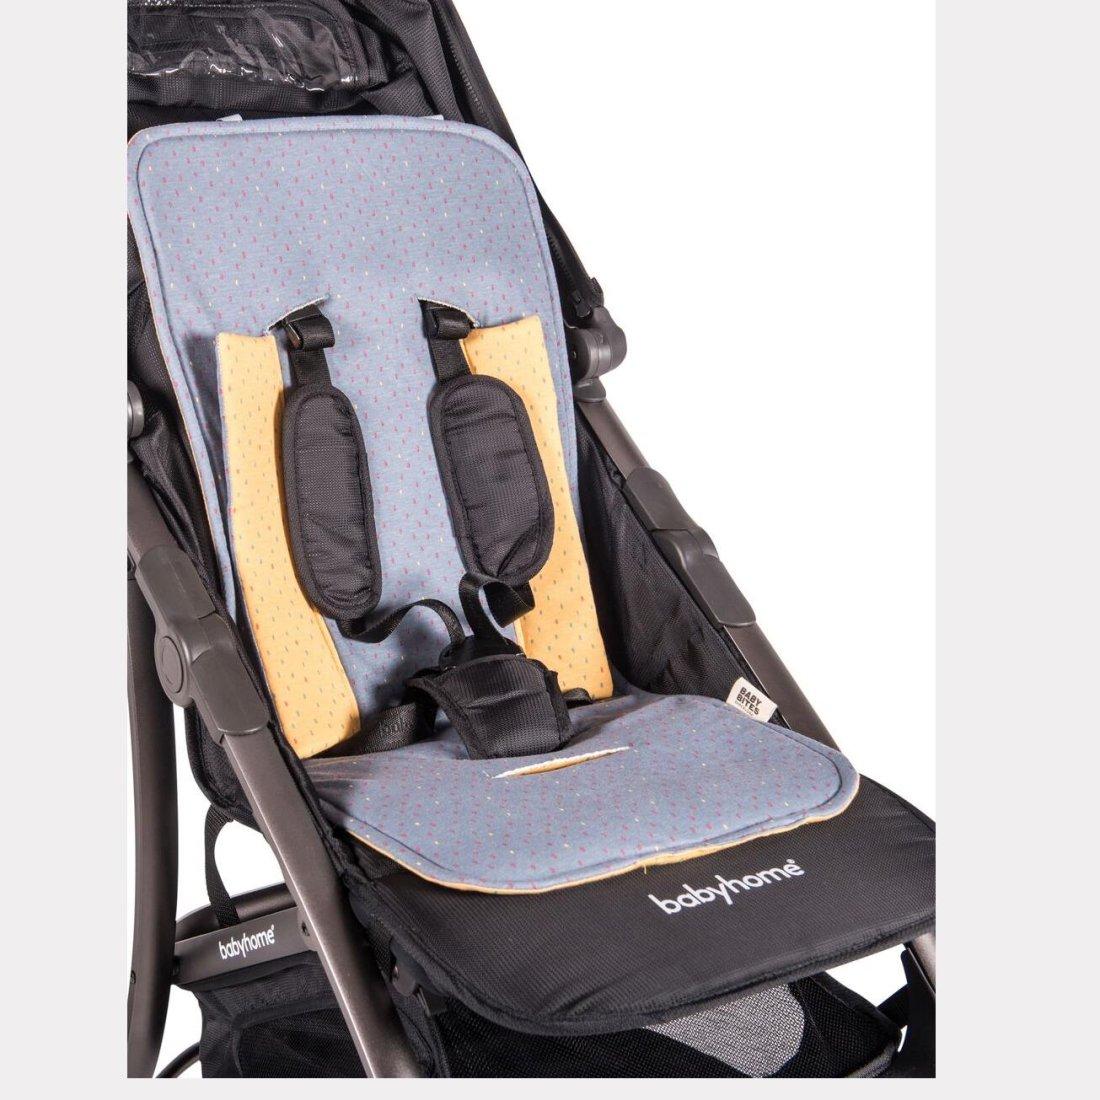 Colchoneta silla de paseo reversible baby bites - Colchoneta silla paseo ...